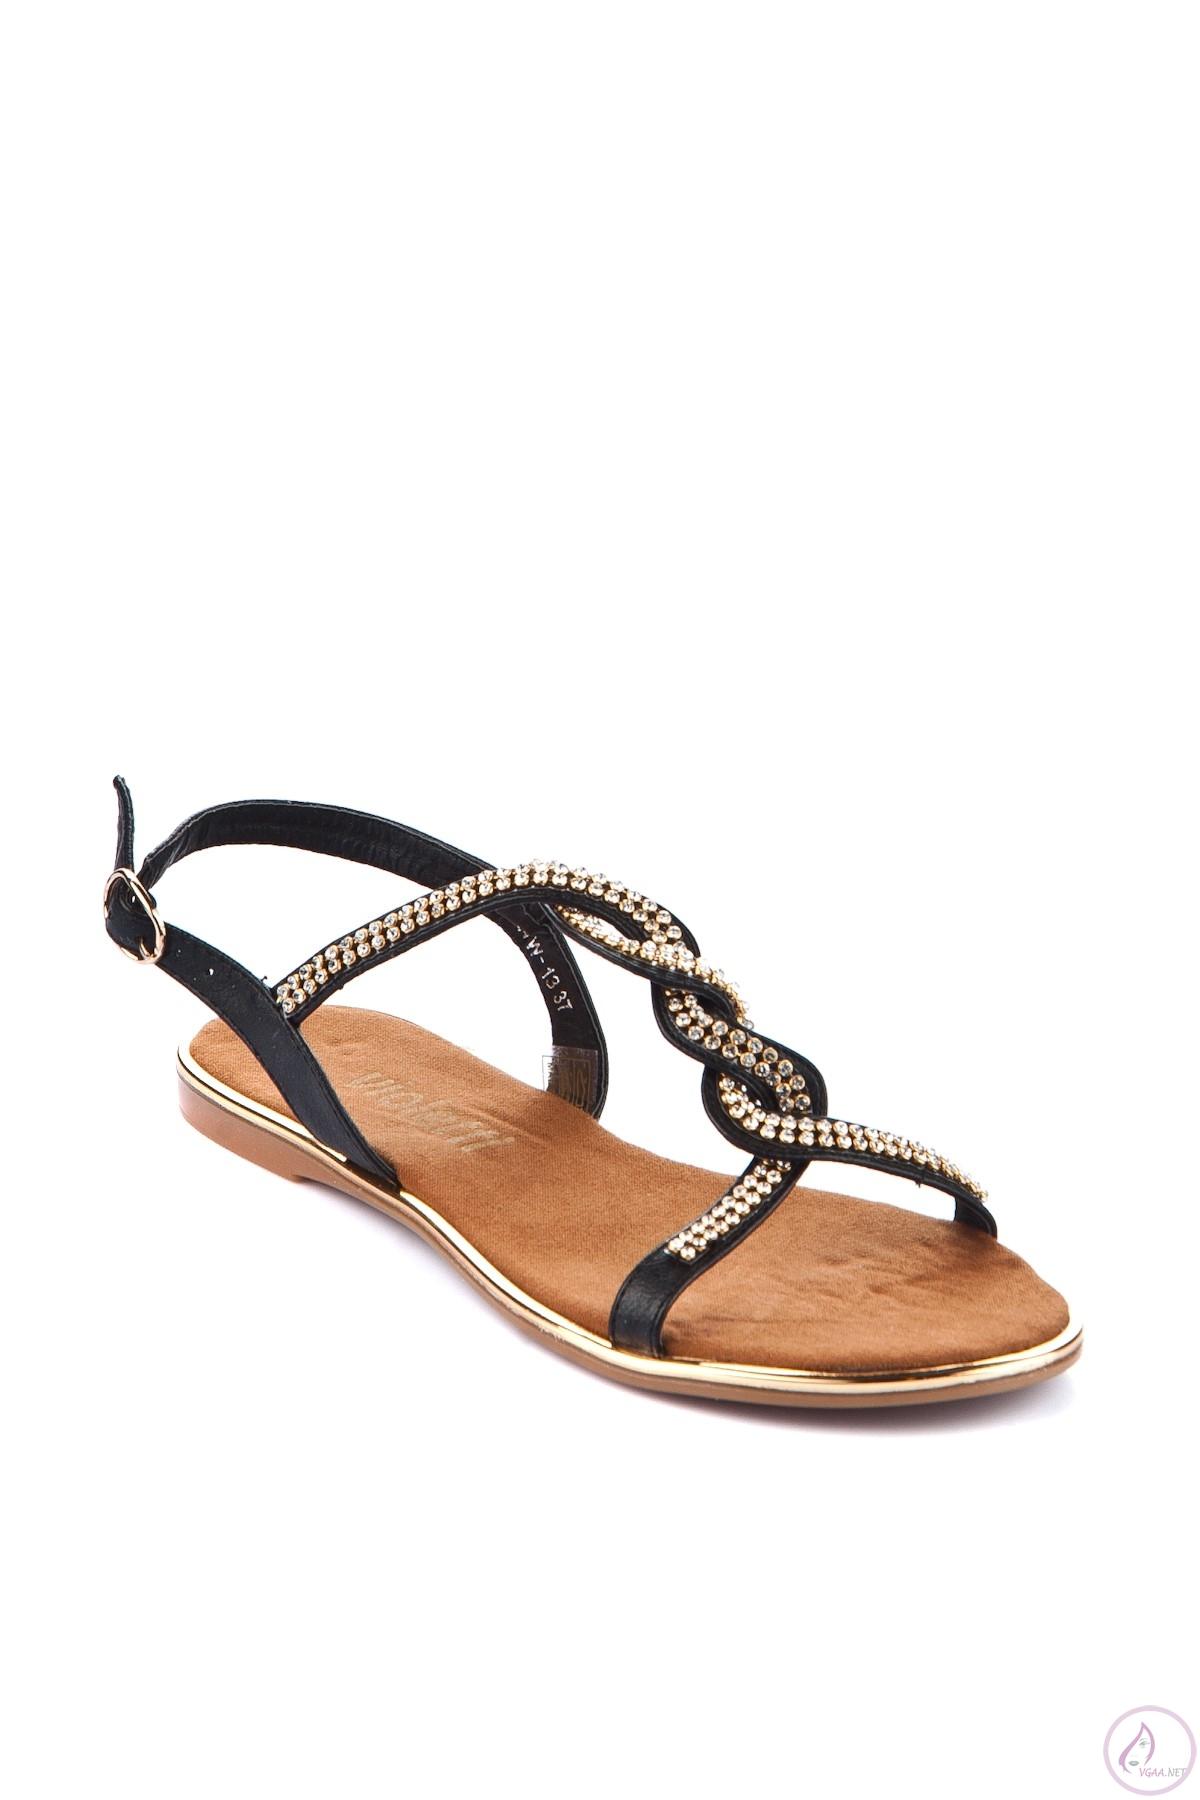 2014-sandalet-modeller-10